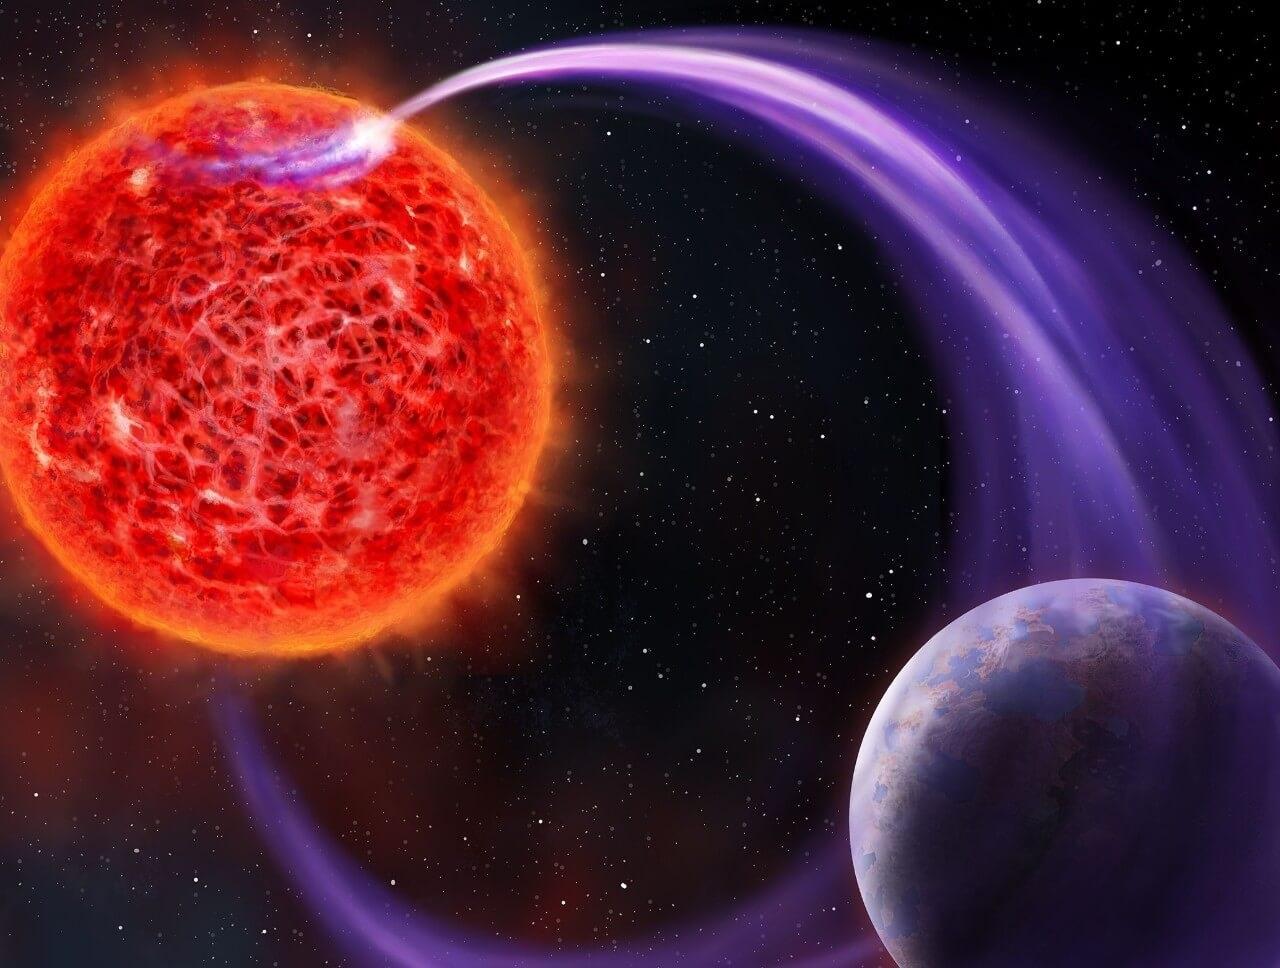 რადიოტალღების გამოყენებით, მზის სამეზობლოში ეგზოპლანეტა აღმოაჩინეს — პირველად ისტორიაში